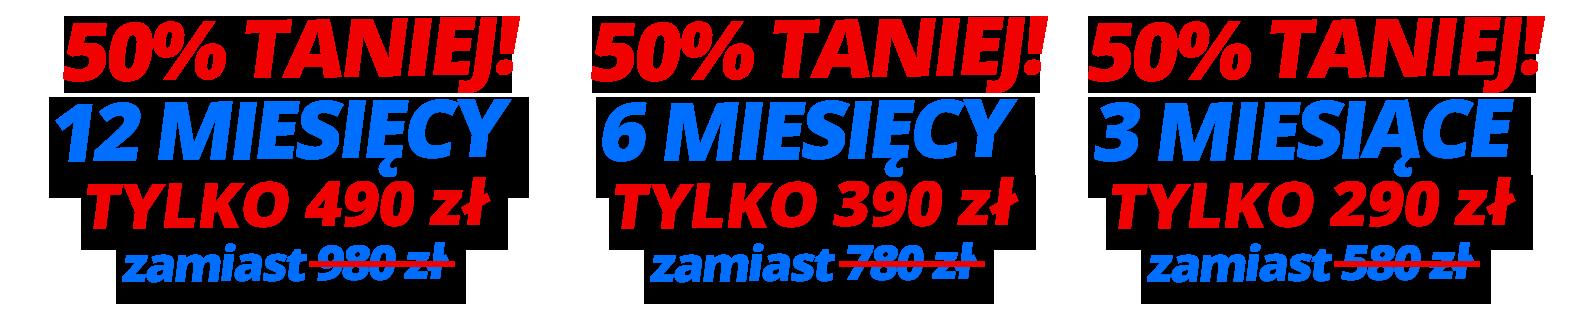 50% TANIEJ! 12 miesięcy tylko 490 zł / 6 miesięcy tylko 390 zł              / 3 miesiące 290 zł